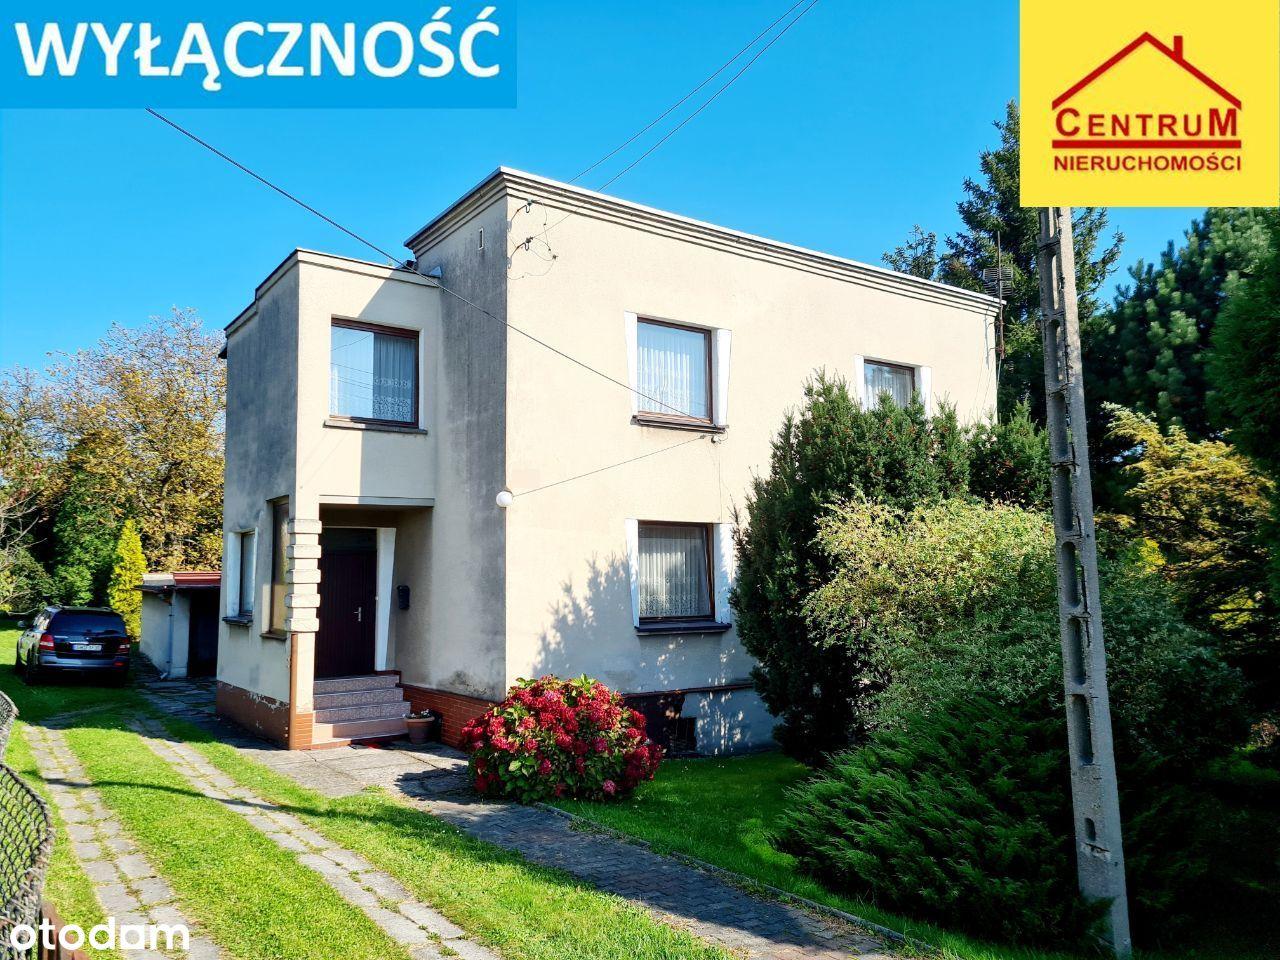 Dom idealny na działalność przy ul. Pszowskiej